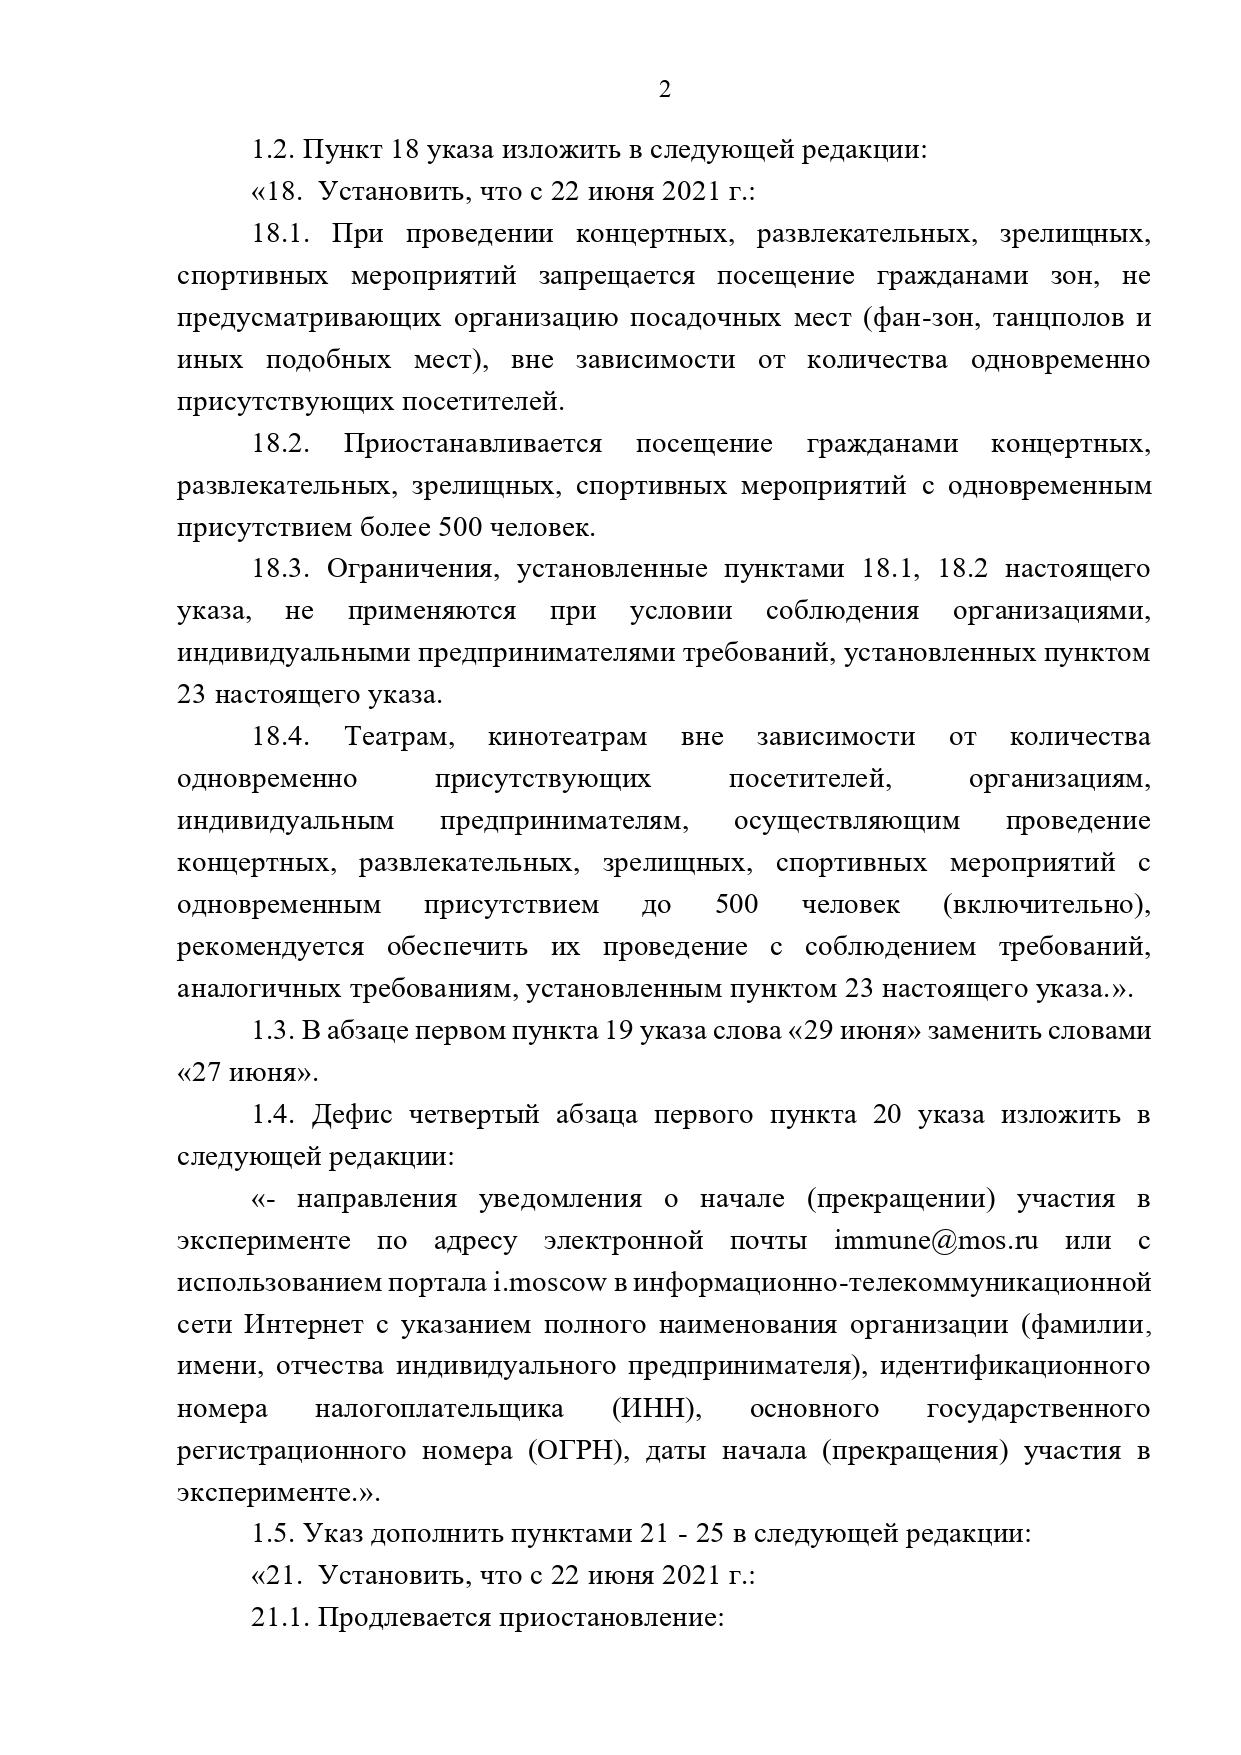 Указ Мэра Москвы Собянина С.С. от 22 июня 2021 г. (22.06.2021) No 35-УМ 2